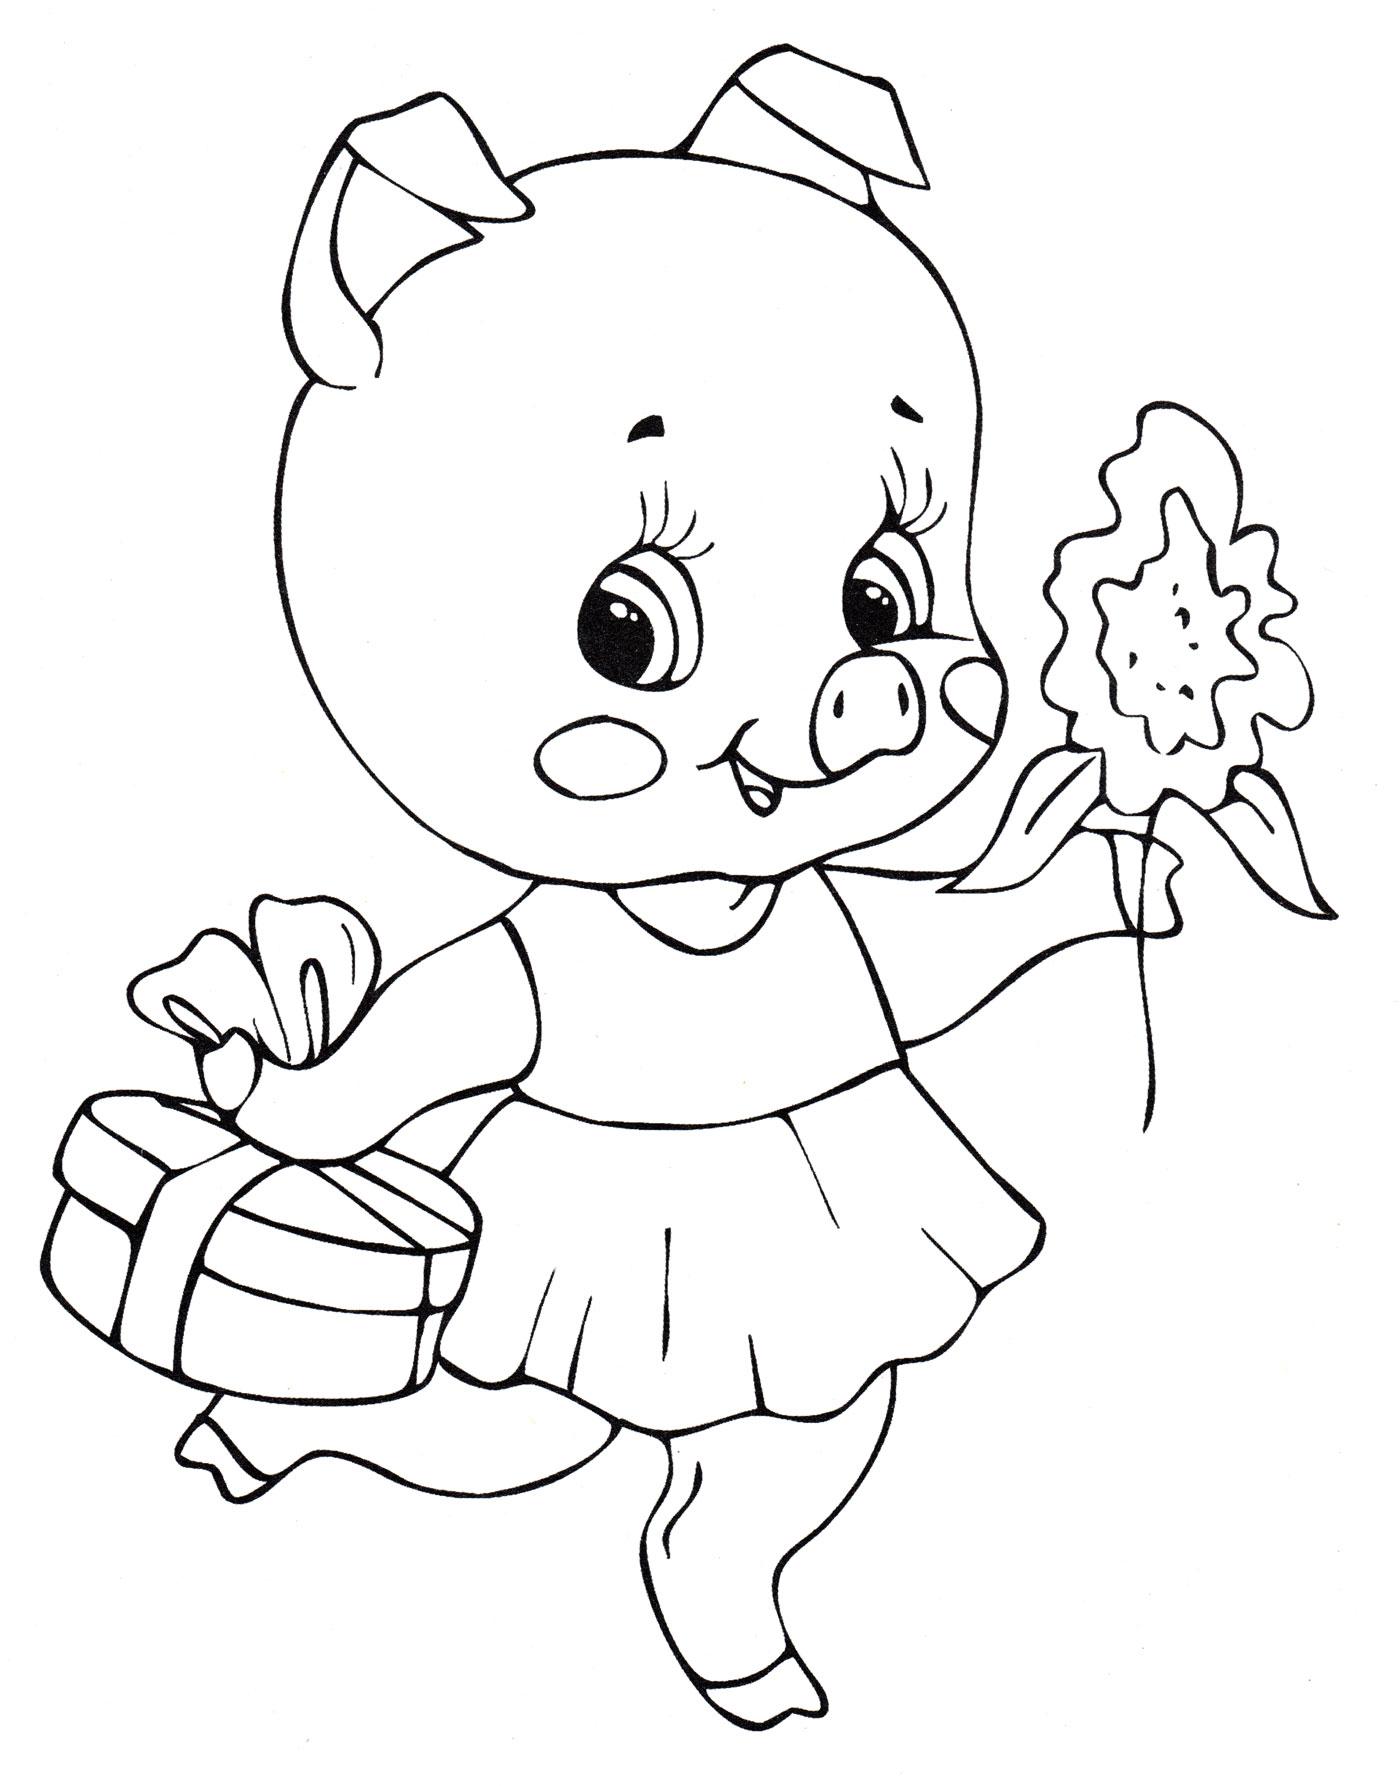 Раскраска Свинка с подарком - распечатать бесплатно